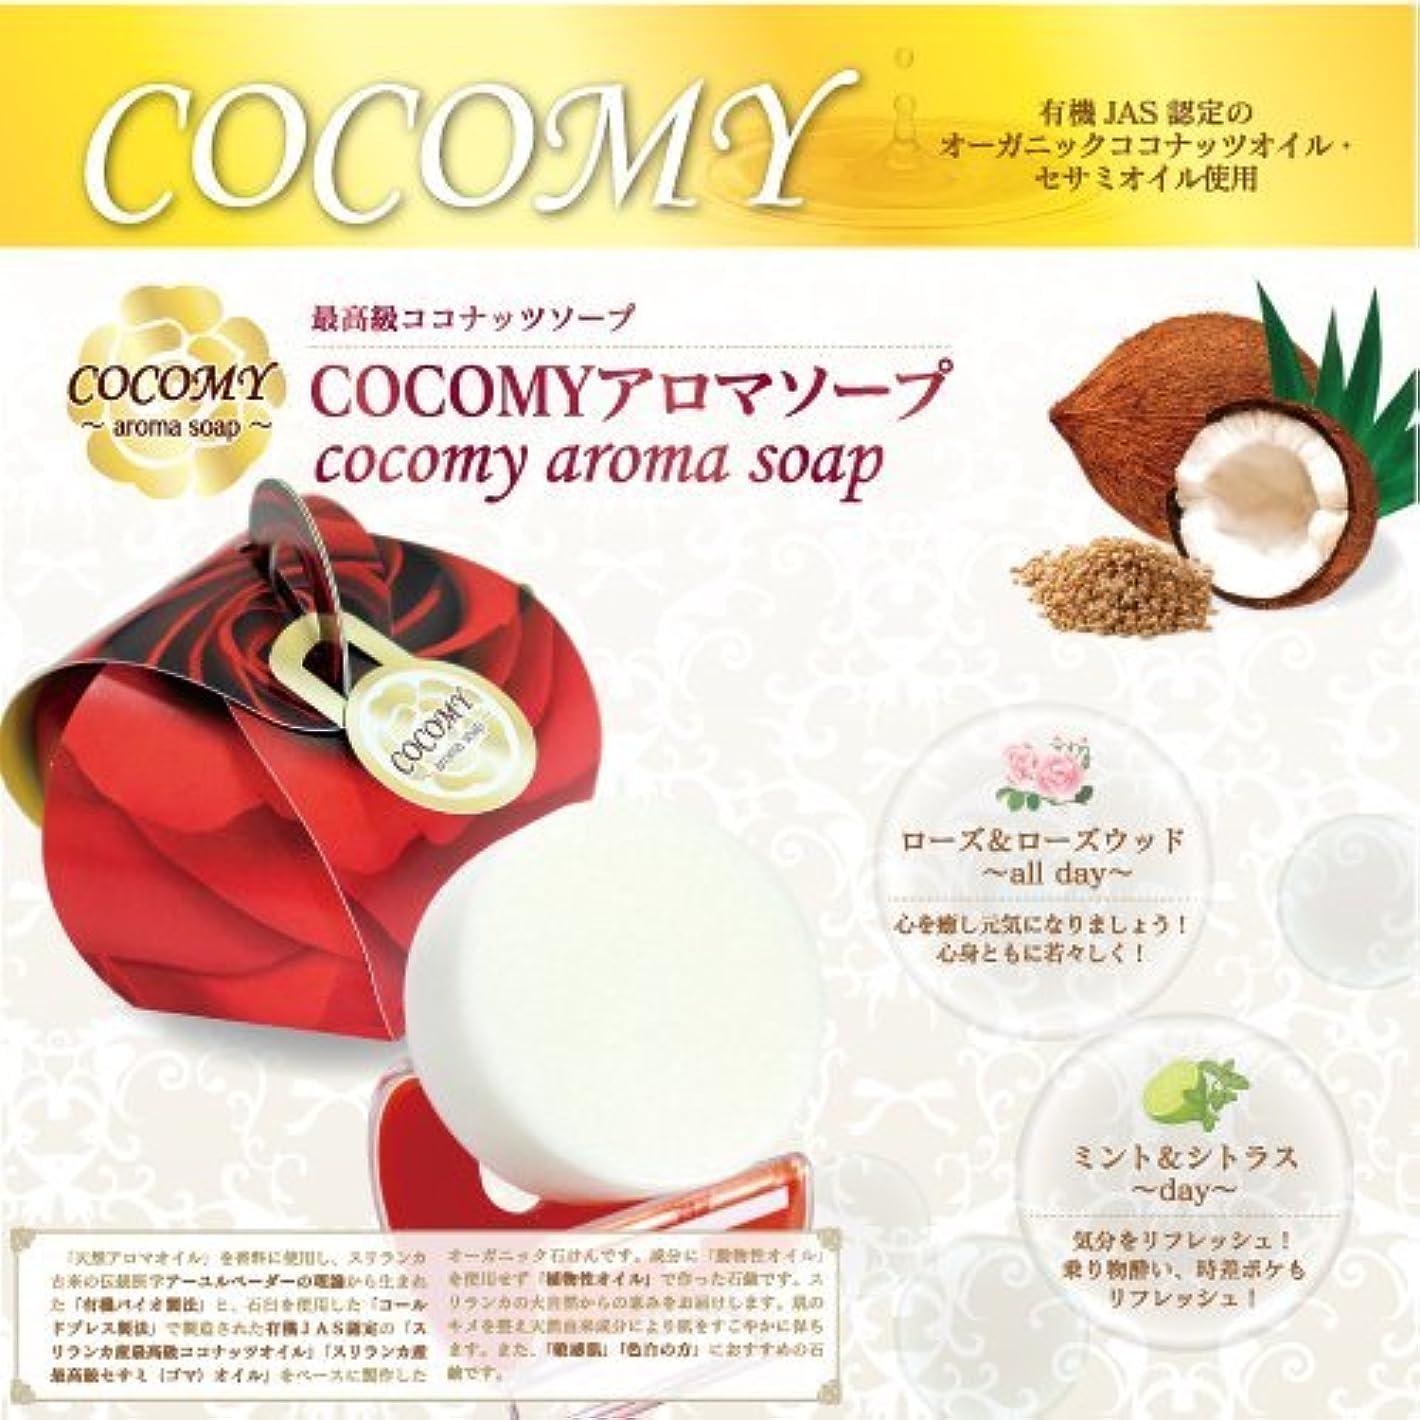 無知ステージイヤホンCOCOMY aromaソープ 4個セット (ミント&シトラス)(ローズ&ローズウッド) 40g×各2